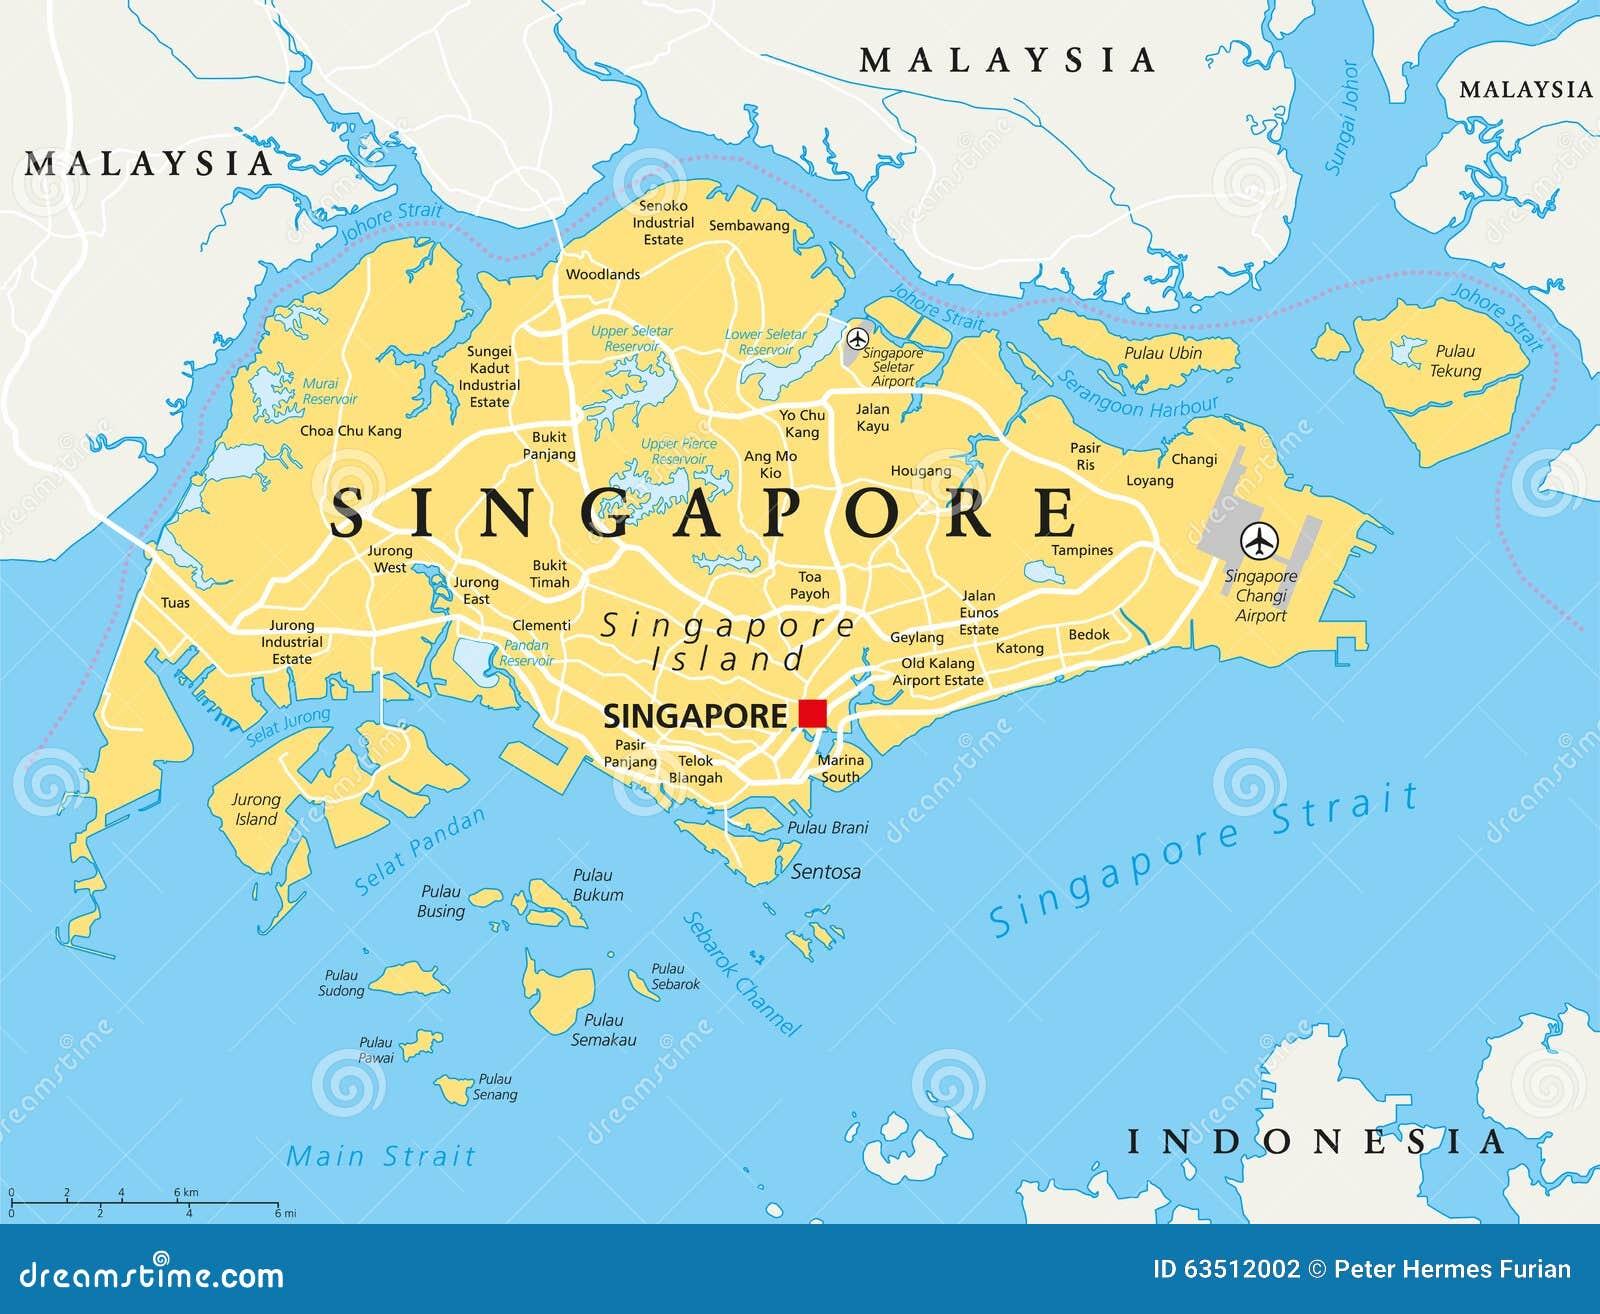 Carte Malaisie Singapour.Carte Politique De Singapour Illustration De Vecteur